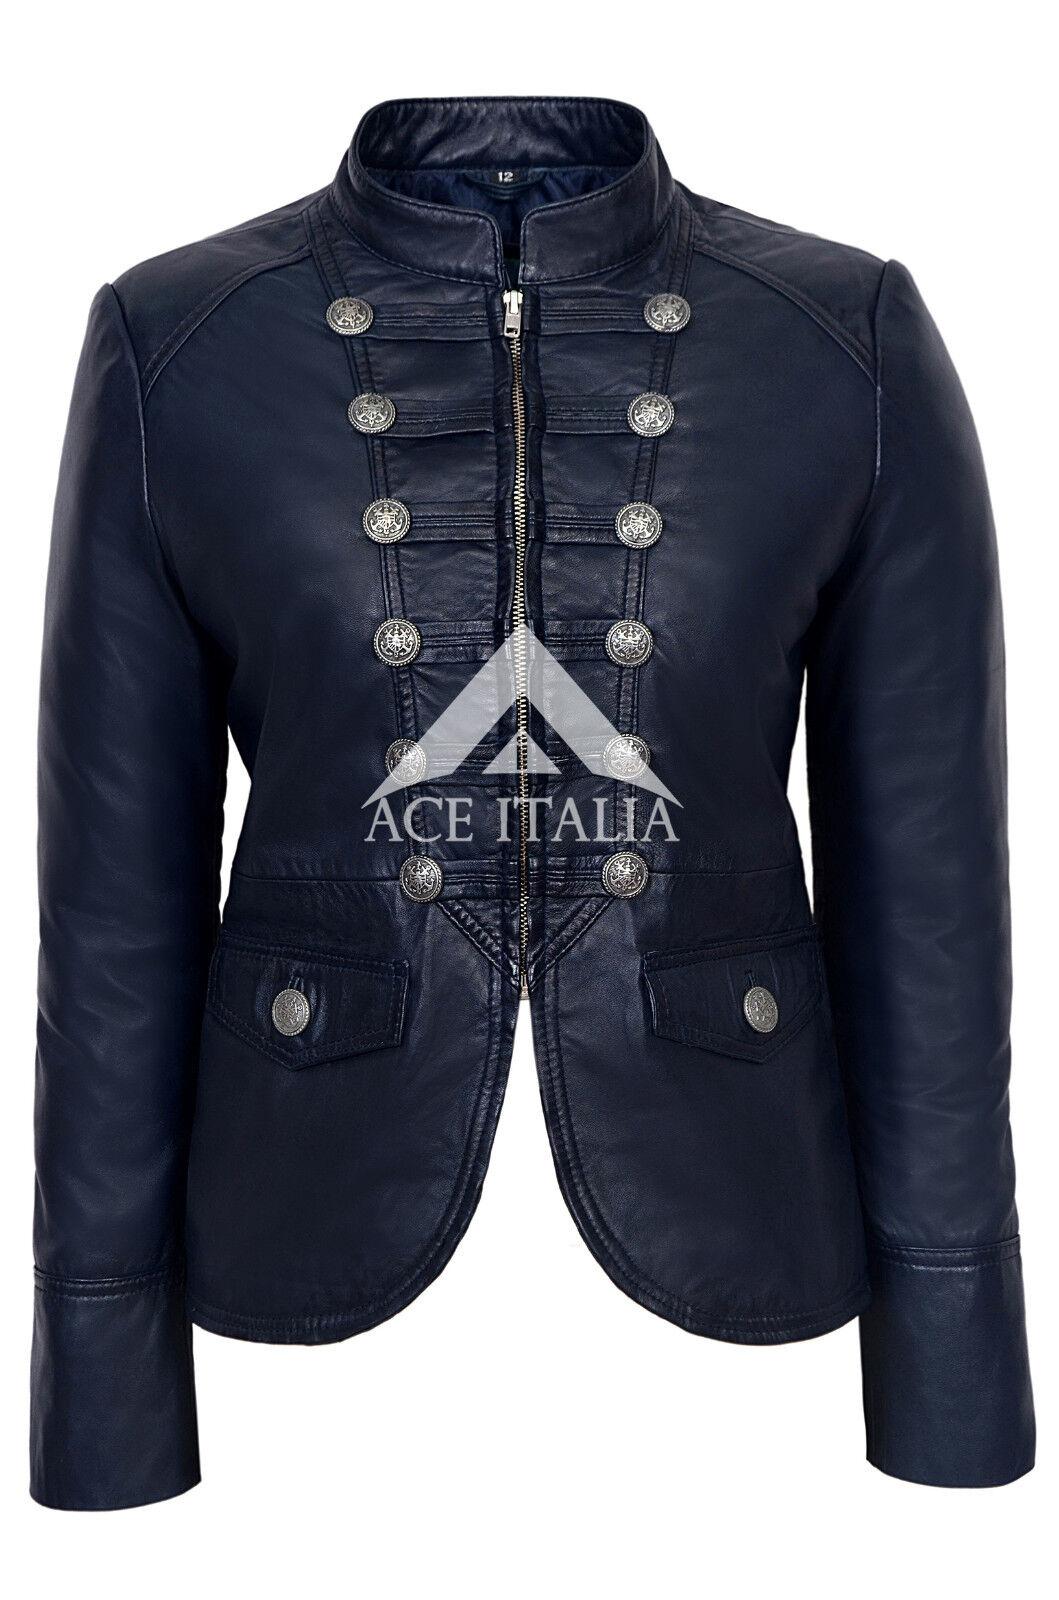 Victoria& 039; & 039; Damas Azul Marino desfile militar  Suave Real Napa chaqueta de cuero 8976  tienda hace compras y ventas